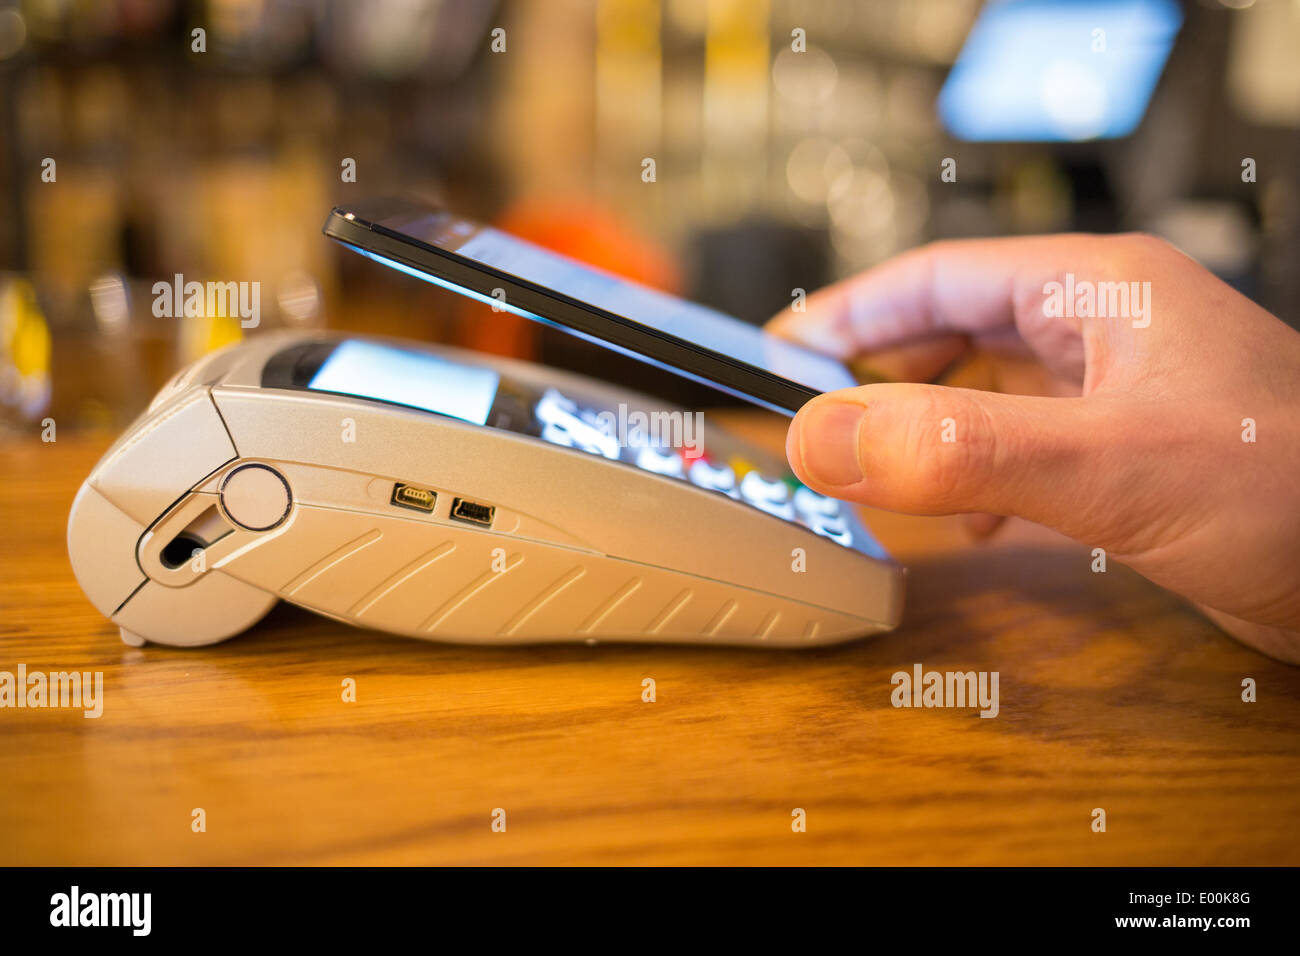 Hombre mano smartphone tienda pago monedero Imagen De Stock